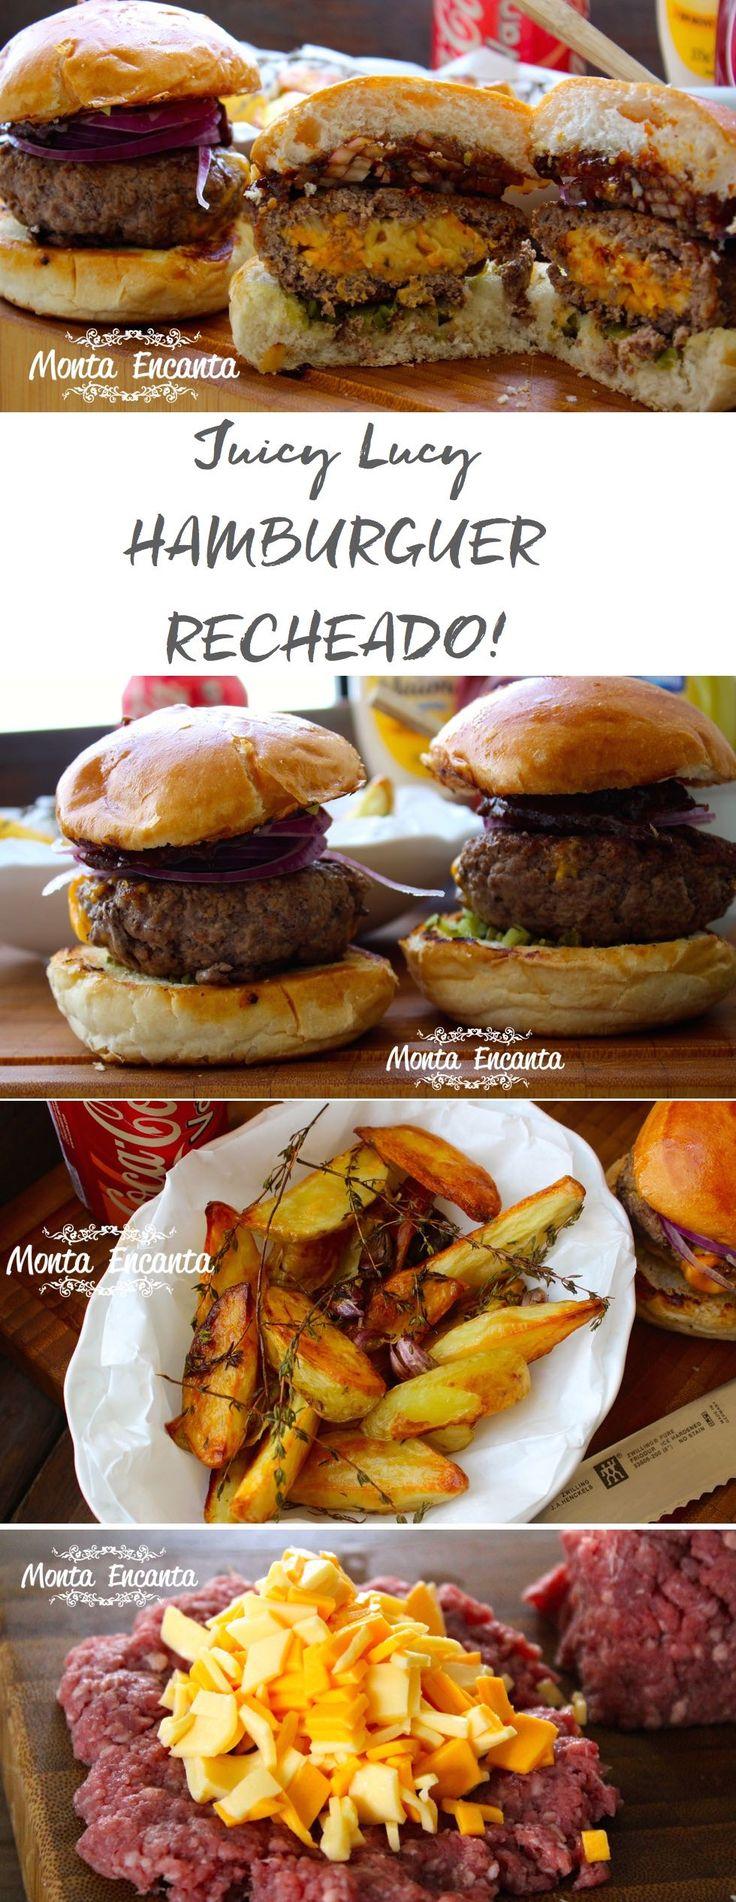 Juicy Lucy, hambúrguer montado na proporção ideal de gordura, blend de carnes saborosas como, acém, costela e peito de boi e recheado com queijo...